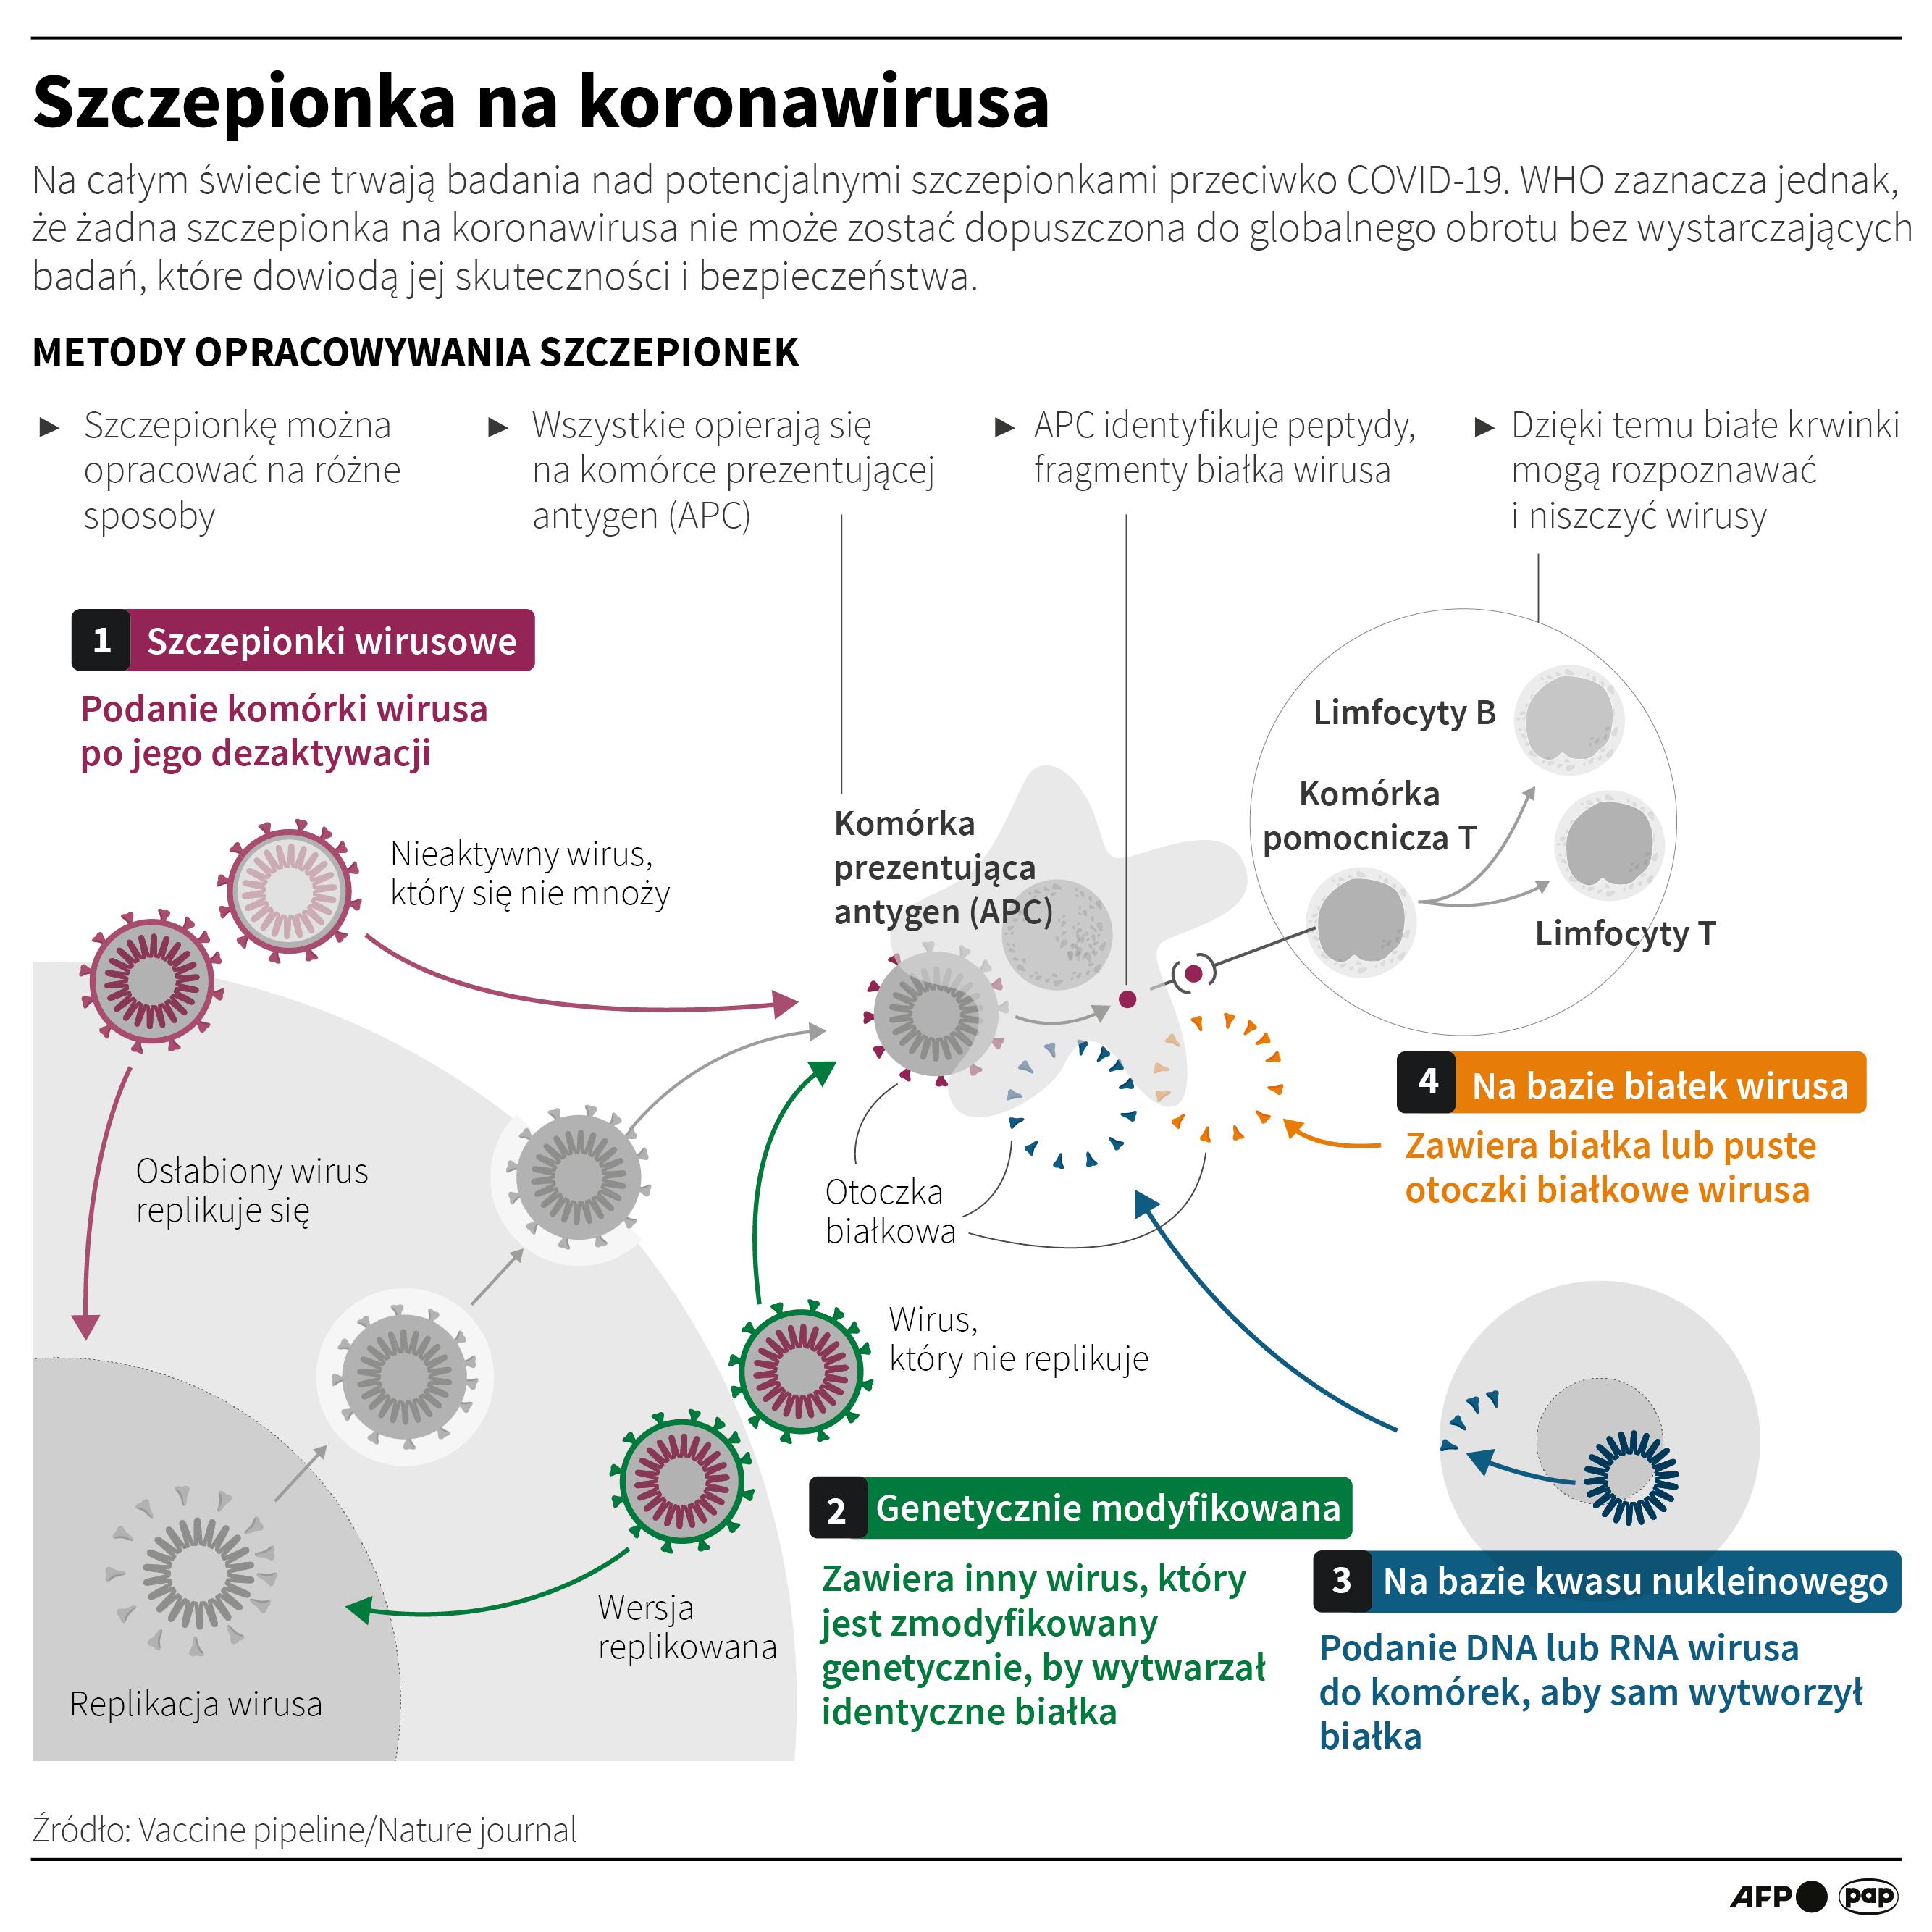 Kiedy powstanie skuteczna szczepionka na koronawirusa? (opr. Maciej Zieliński, Adam Ziemienowicz/PAP)